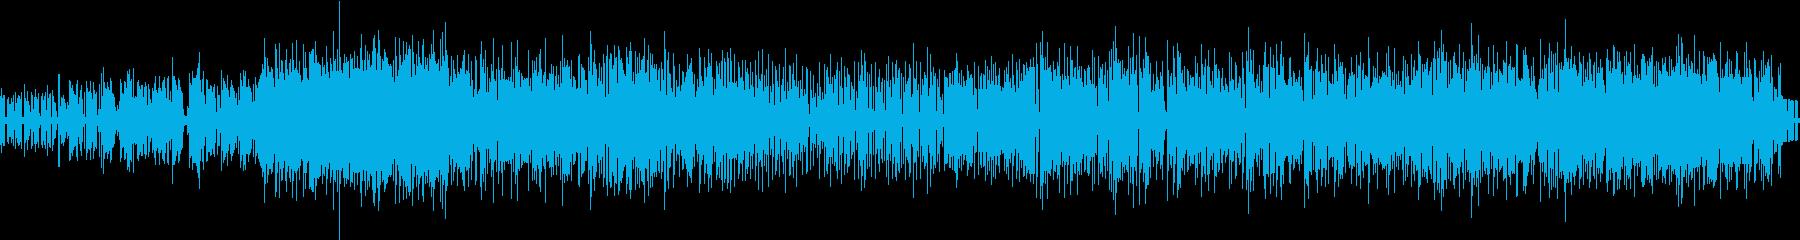 ジャジーでクールなインストの再生済みの波形